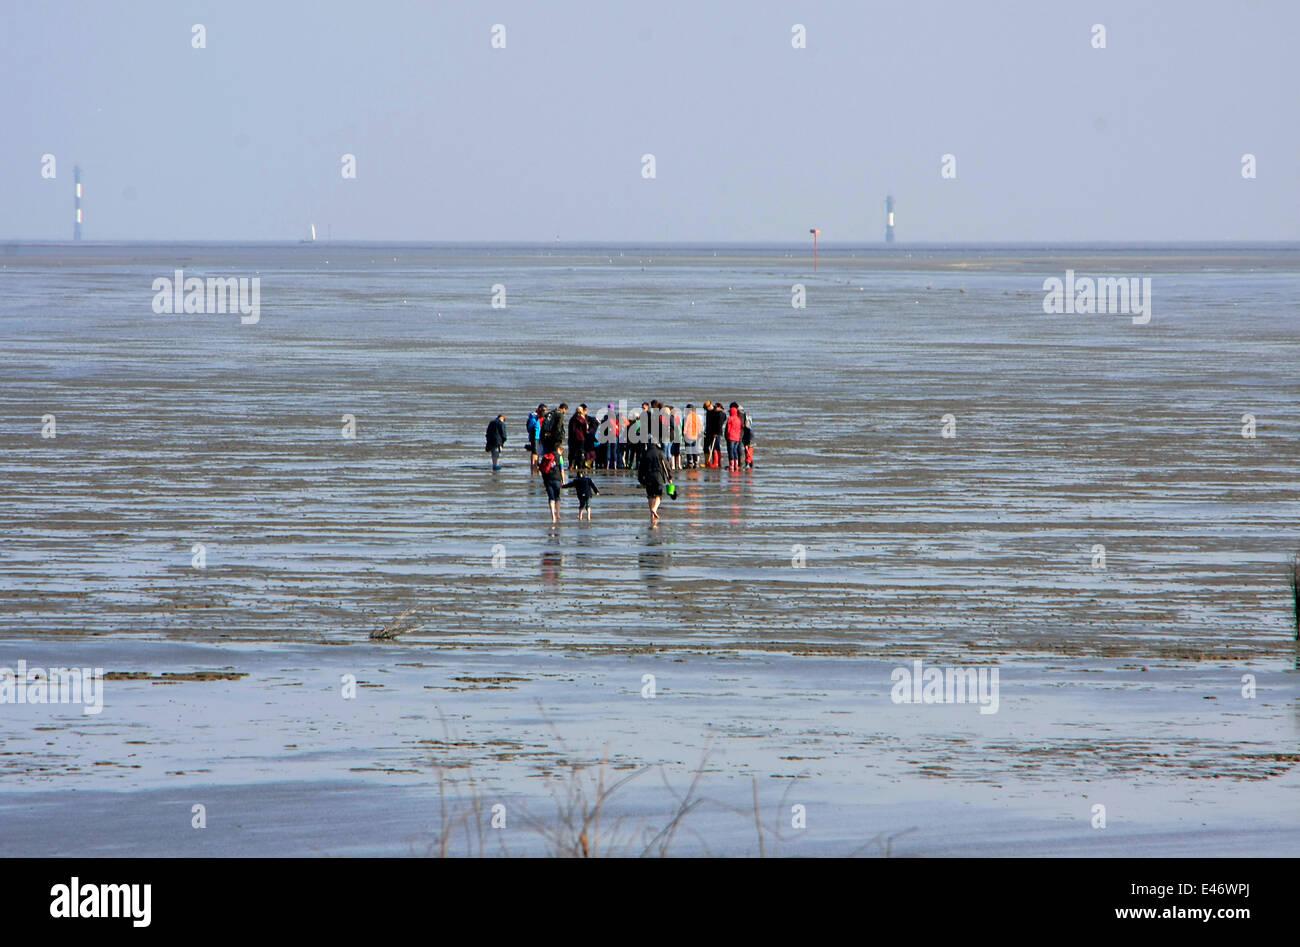 Watt-randonnée avec un guide lors d'Ebb à la plage de Duhnen. Avec ebb, le naufrage sur la mer-miroir est marquée à cause des marées. La fin de la marée descendante est appelée basse-eaux. Photo: Klaus Nowottnick Date: 11 mai, 2013 Banque D'Images